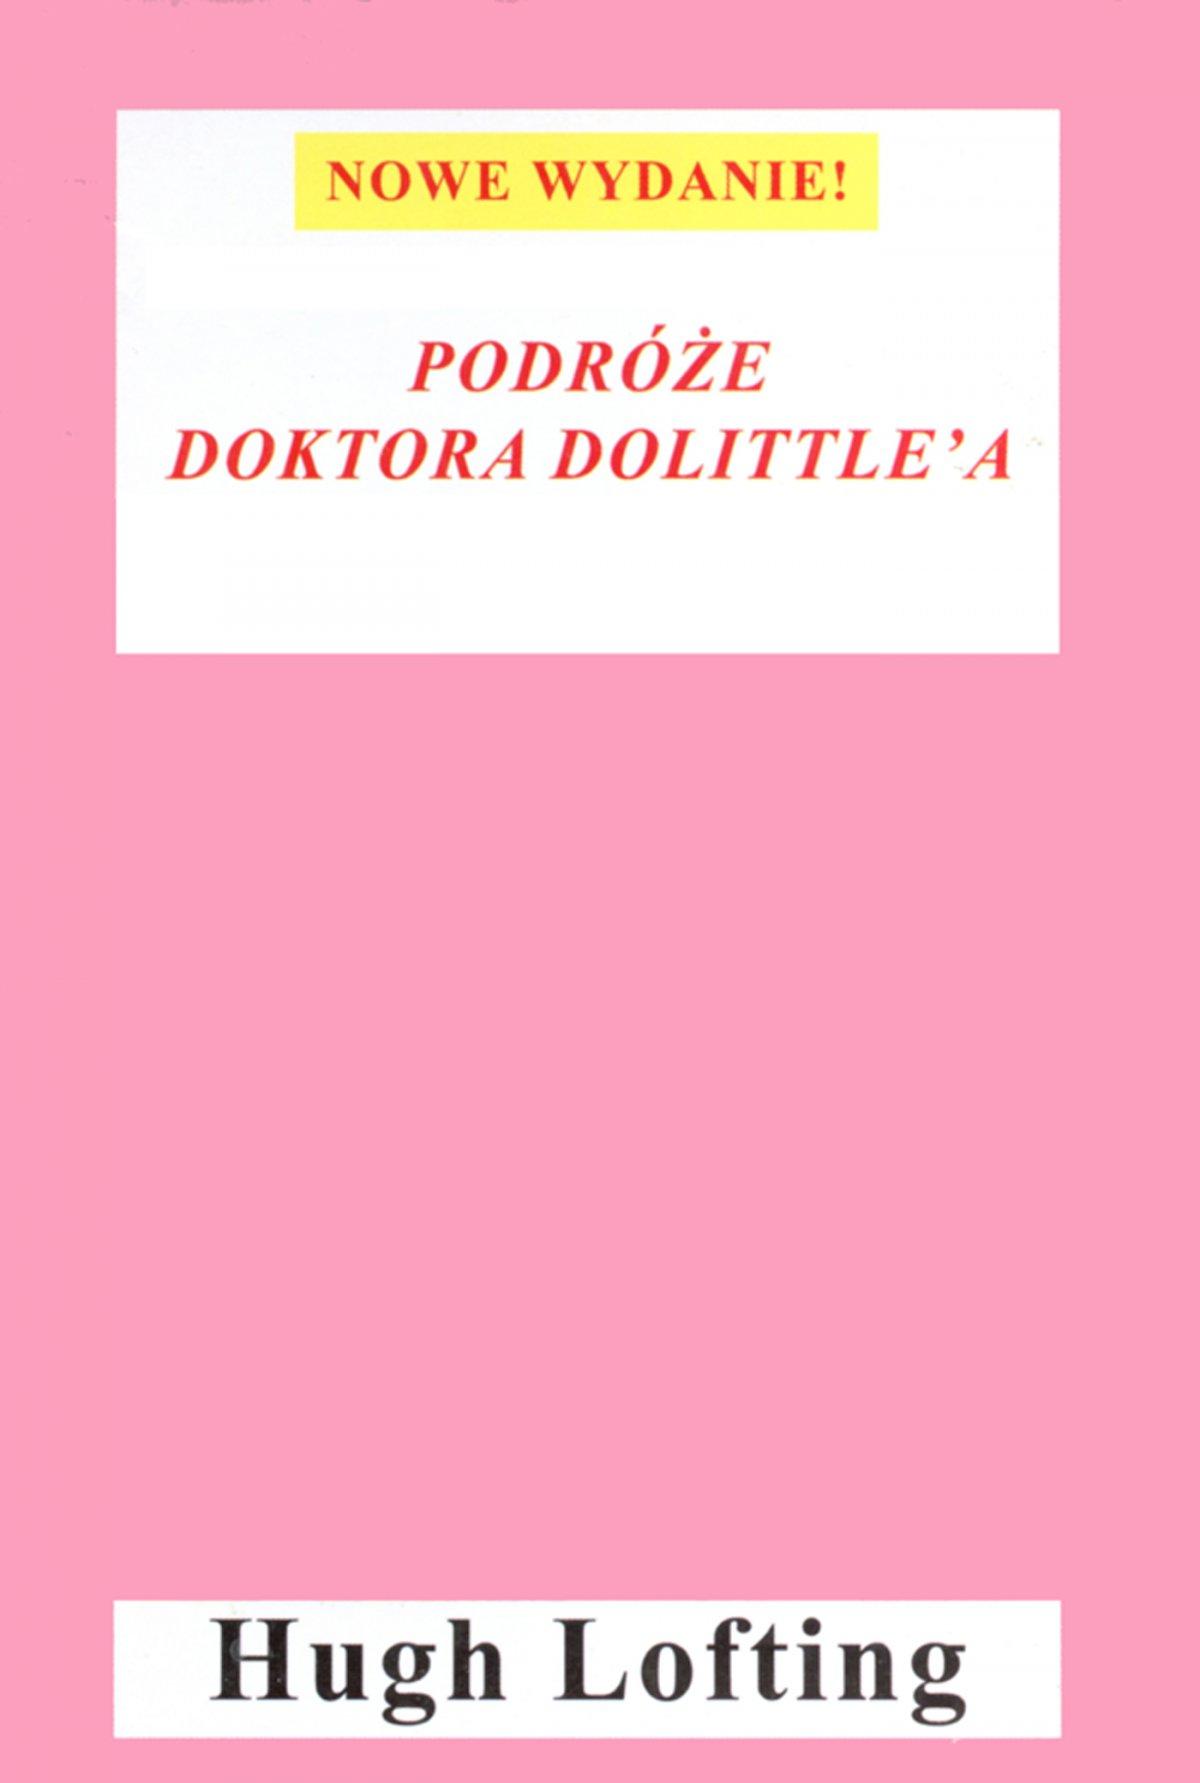 Podróże doktora Dolittle - Ebook (Książka EPUB) do pobrania w formacie EPUB